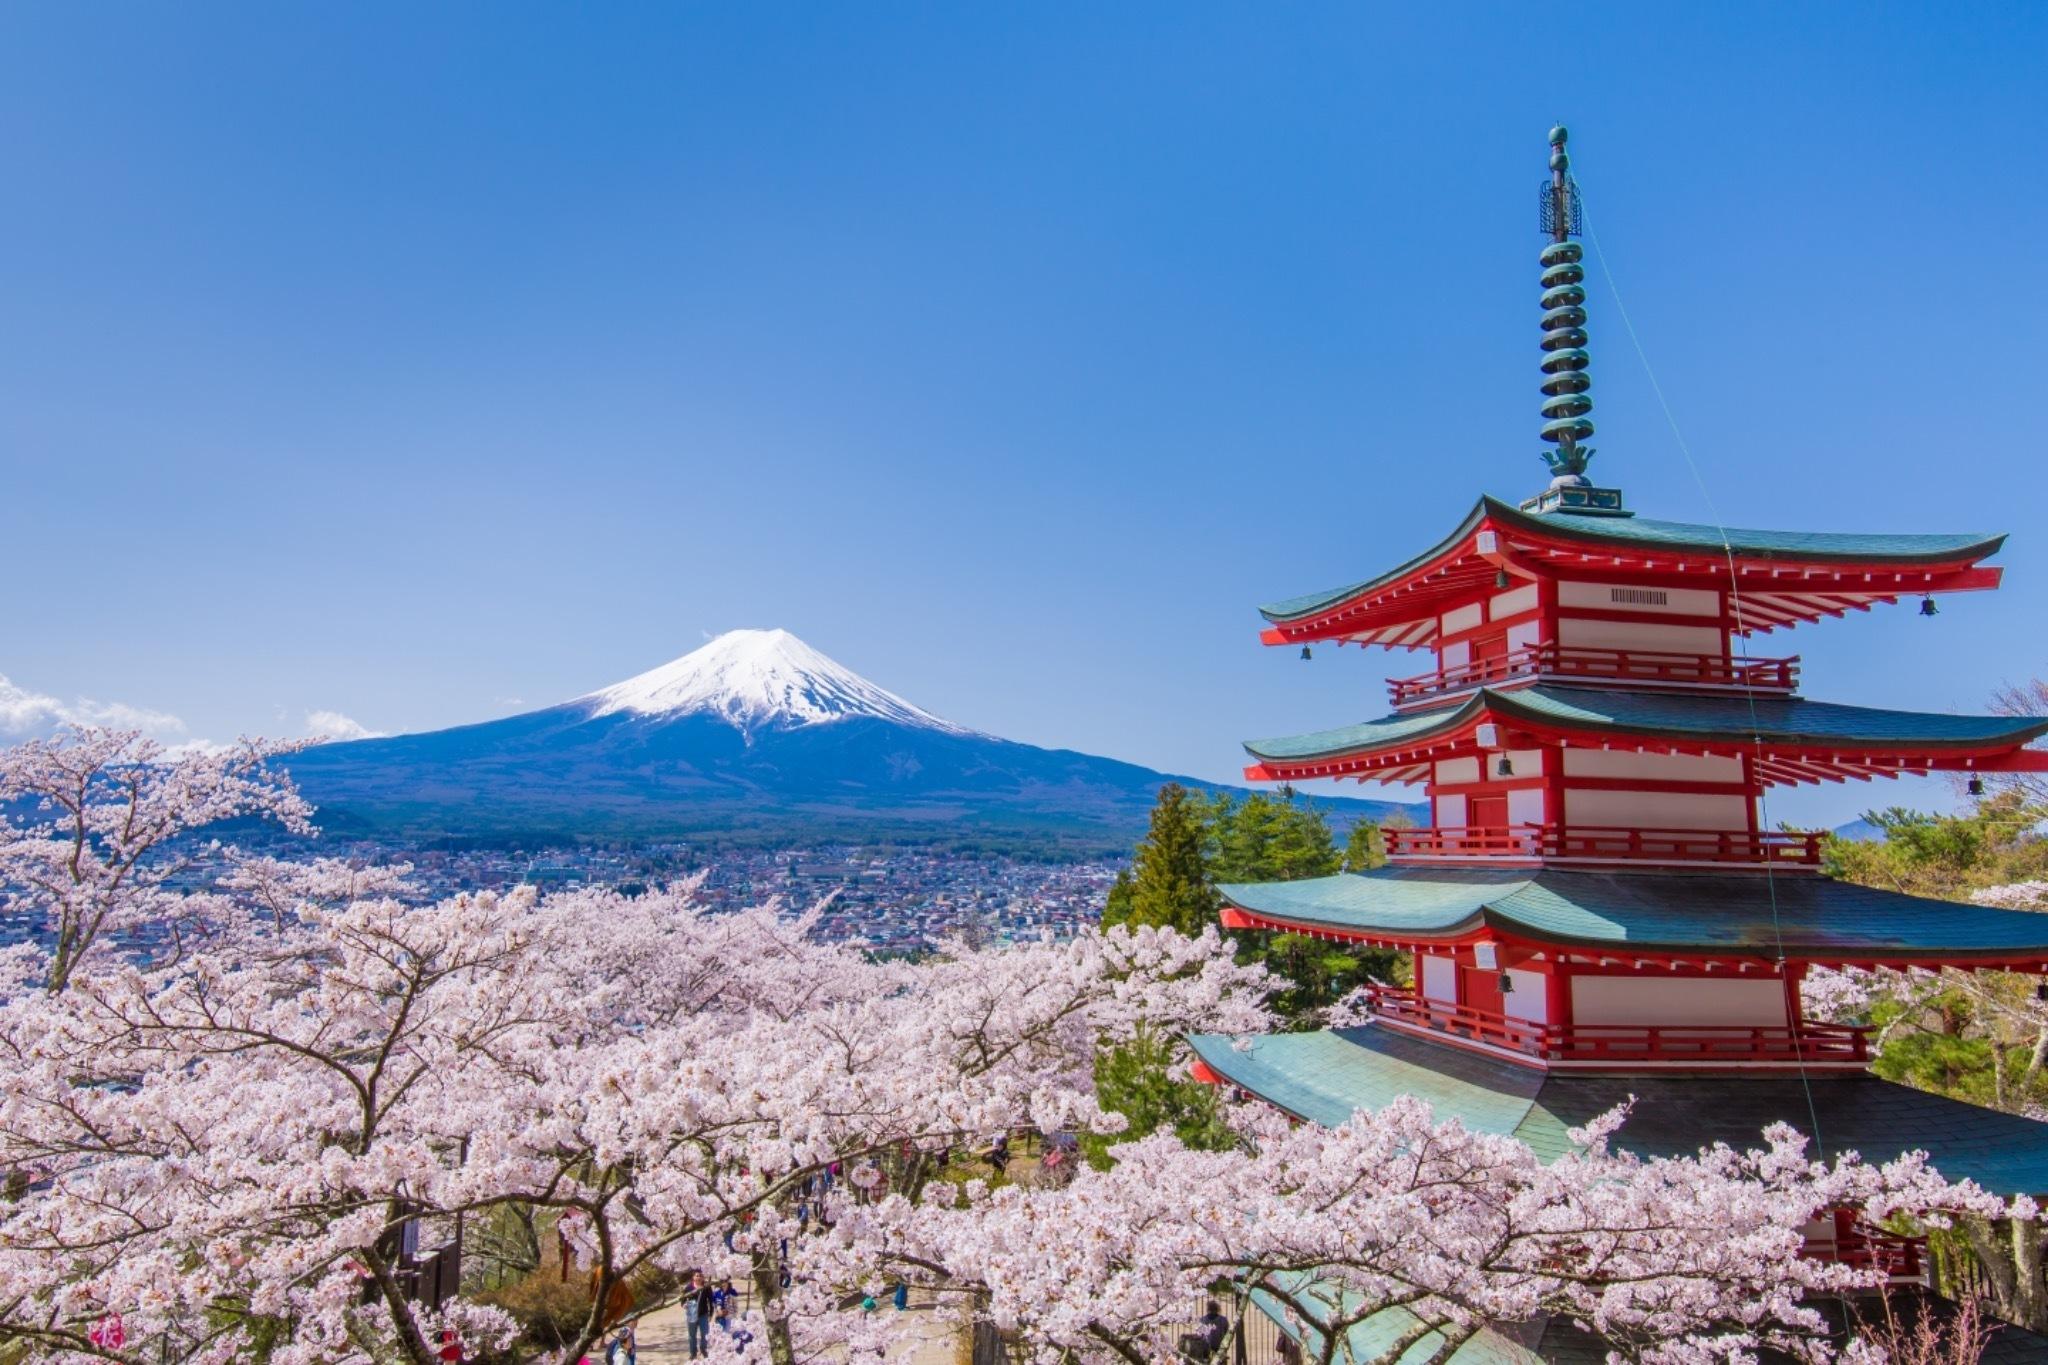 世界で最も有名な日本の写真。富士山、桜、五重の塔。日本のトッピング全部のせ!